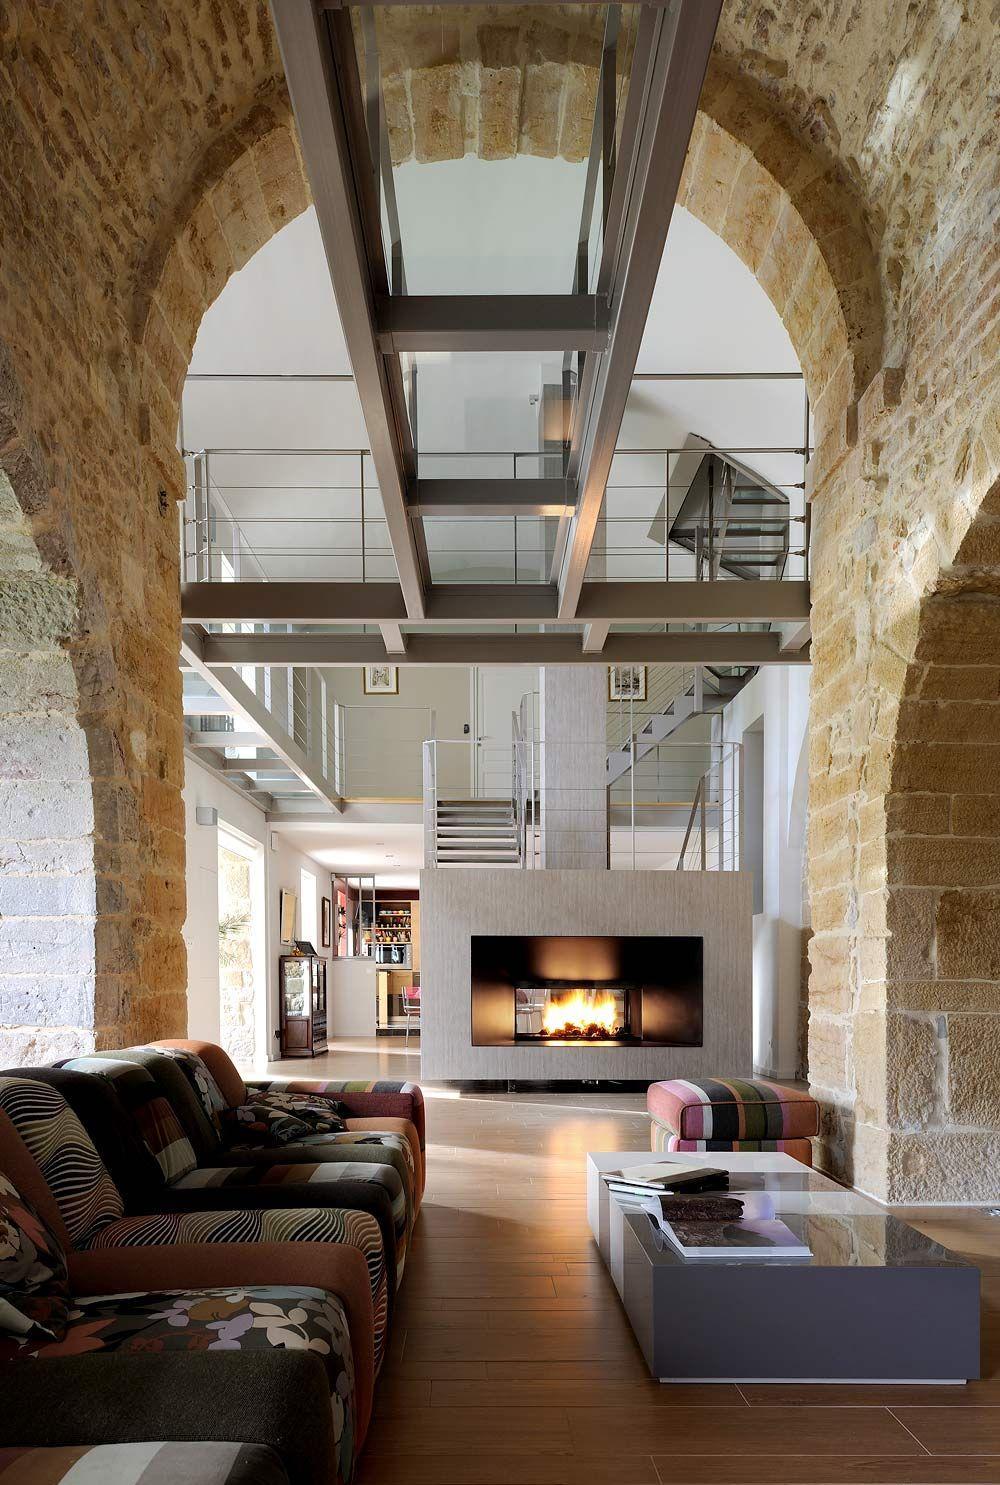 Итальянский стиль в интерьере с камином